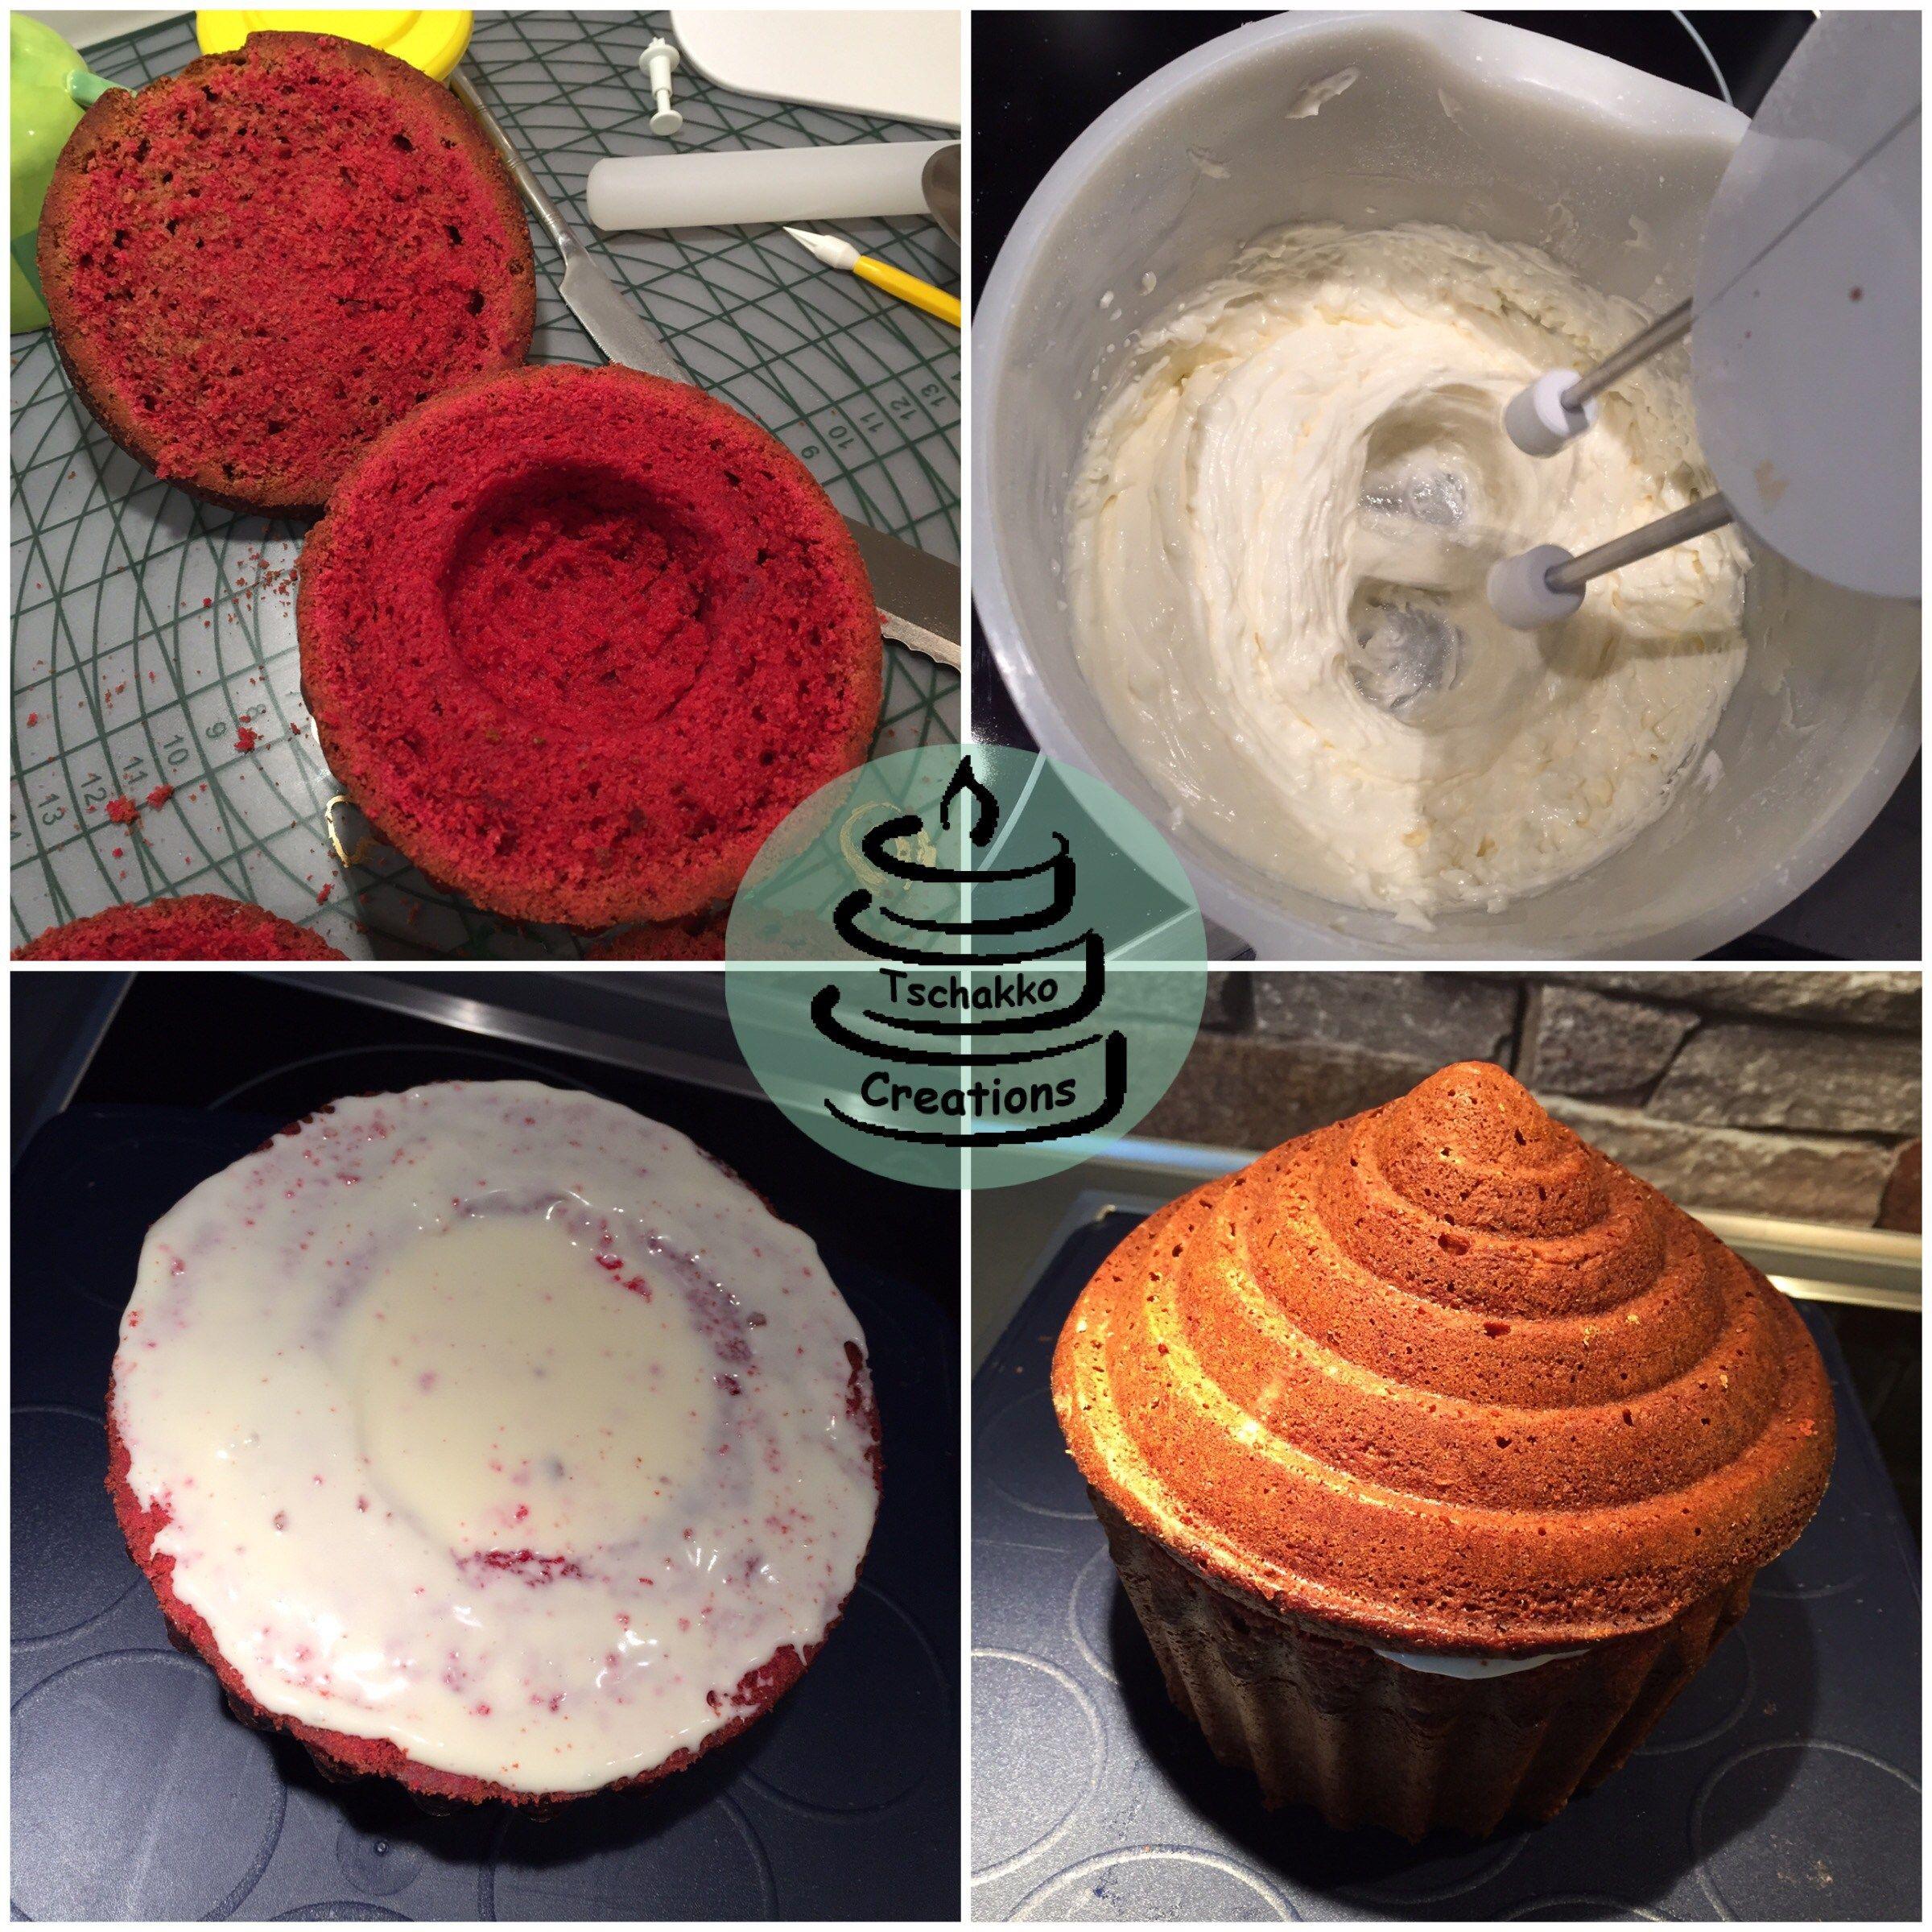 Es ist wieder an der Zeit gewesen, einen riesen Cupcake zu backen ...